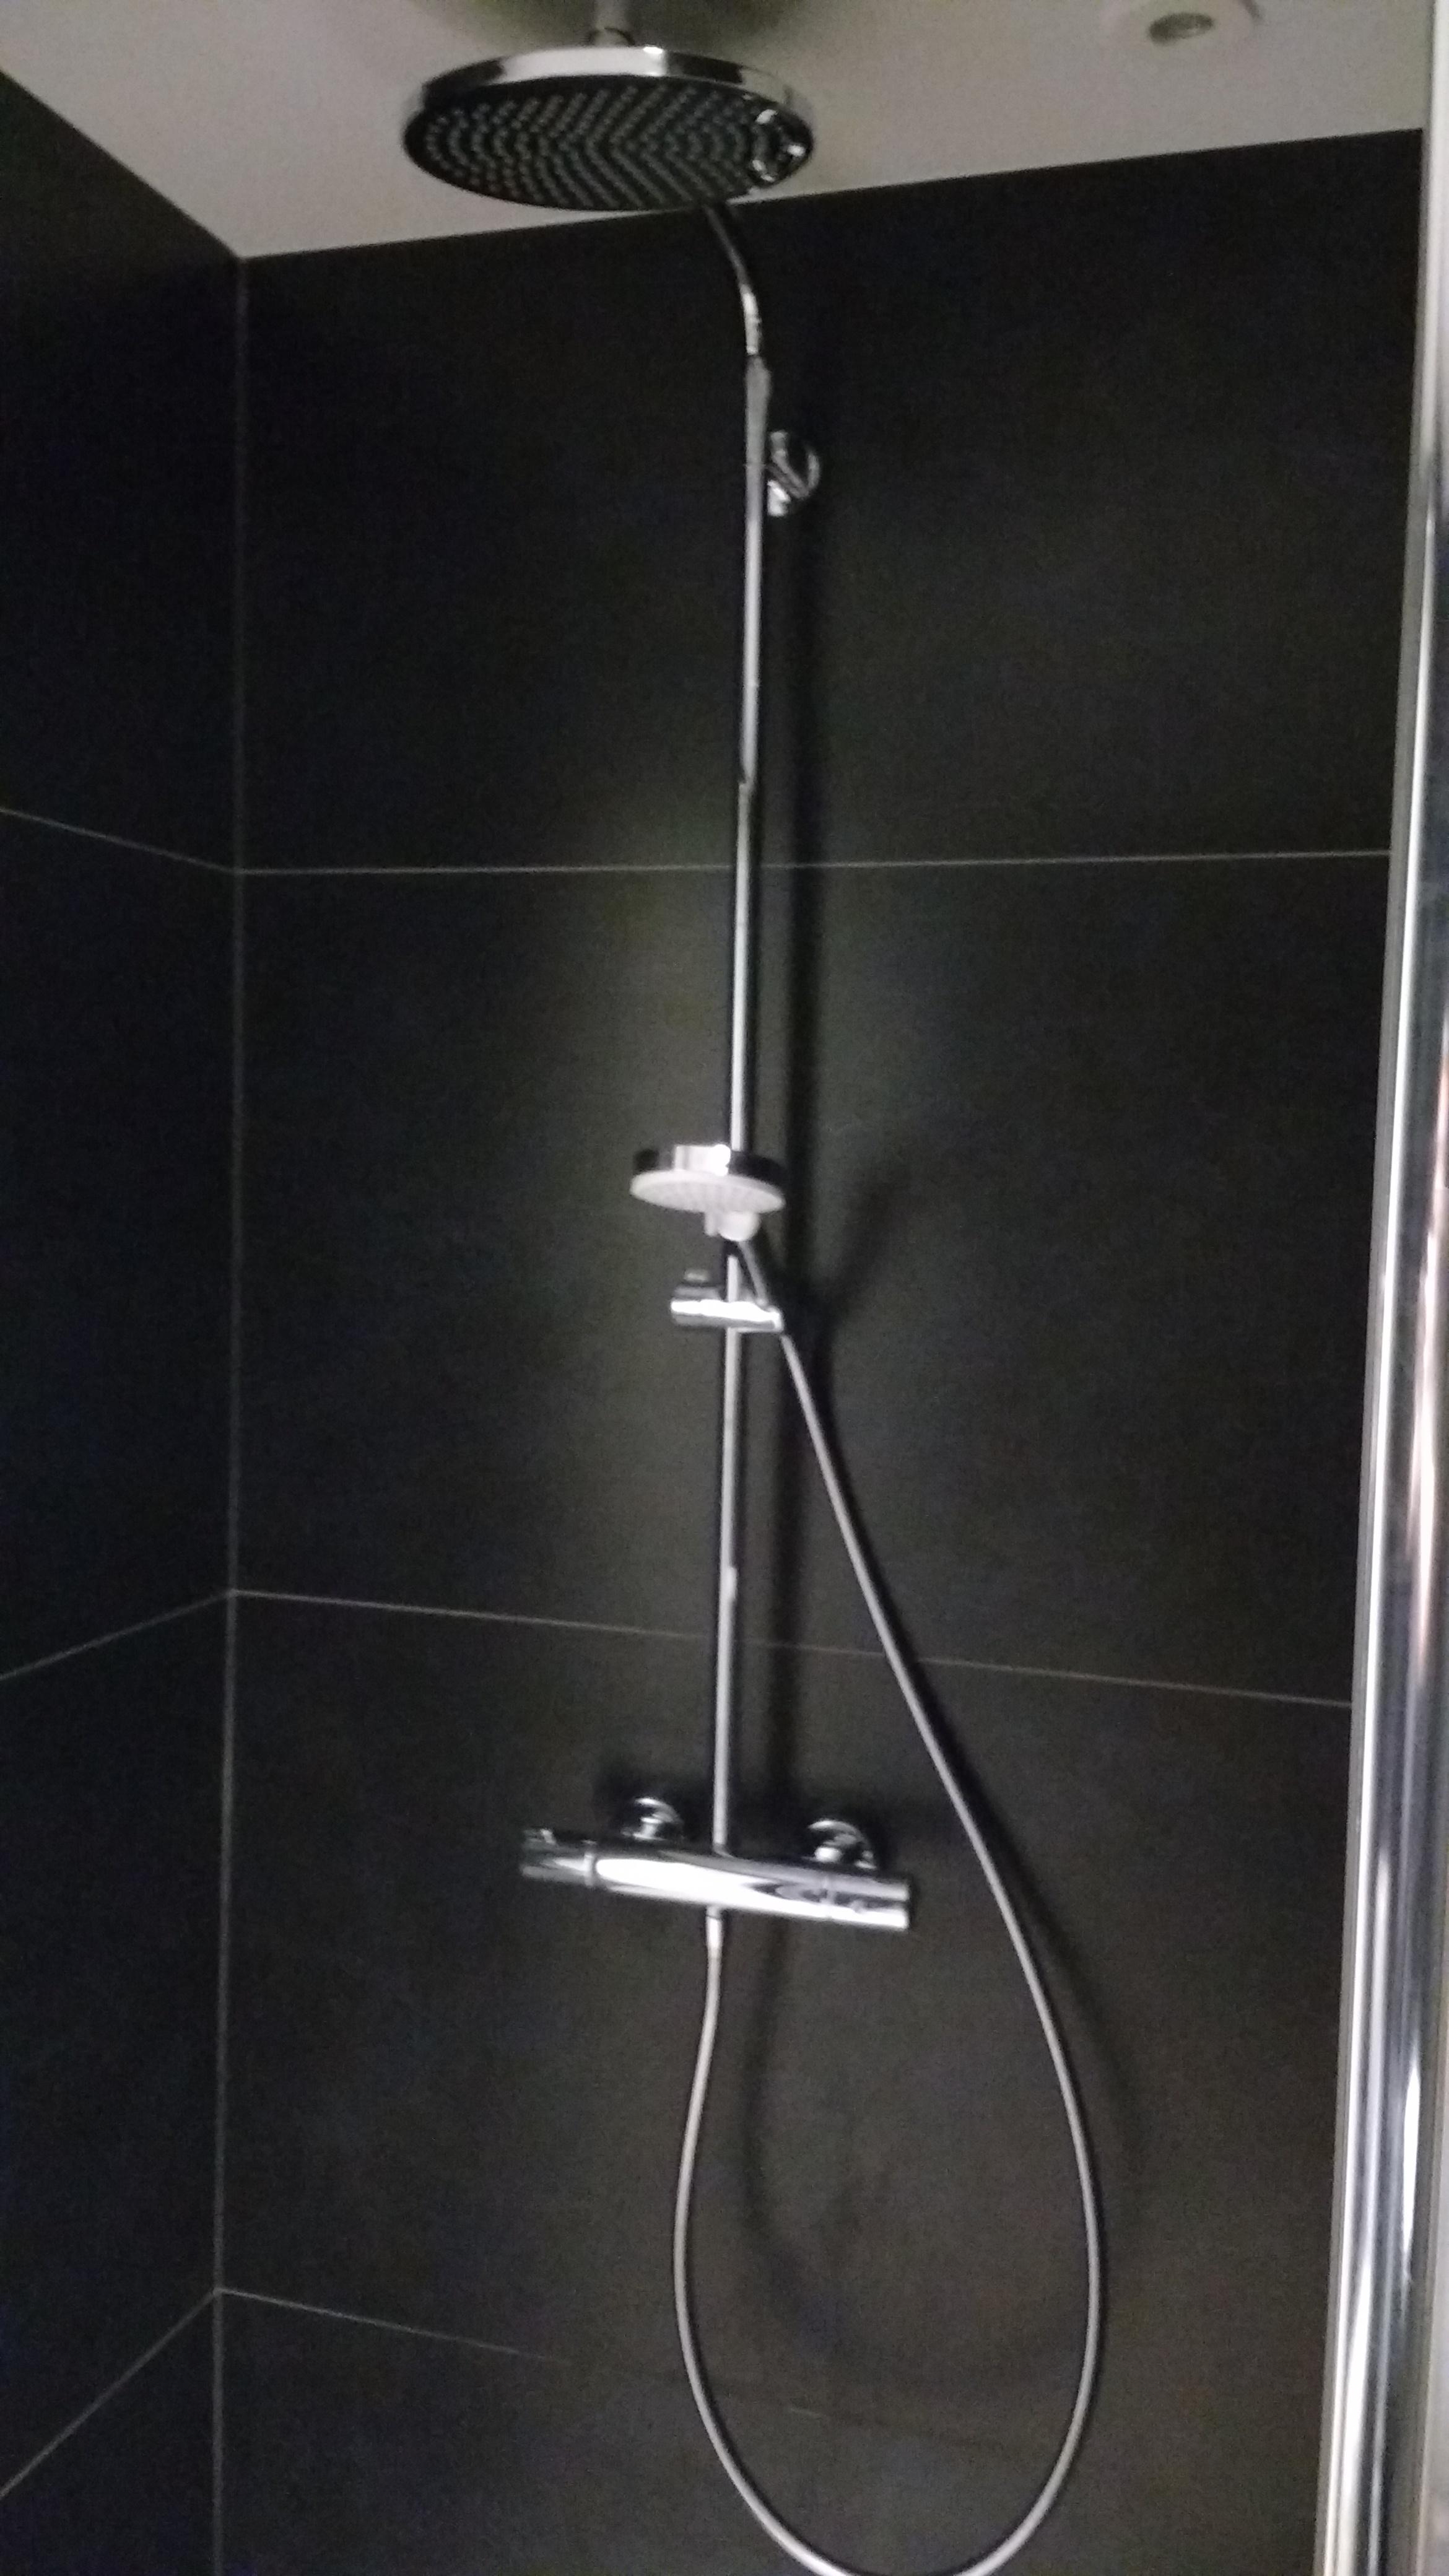 Reforma de Baño: Columna de ducha